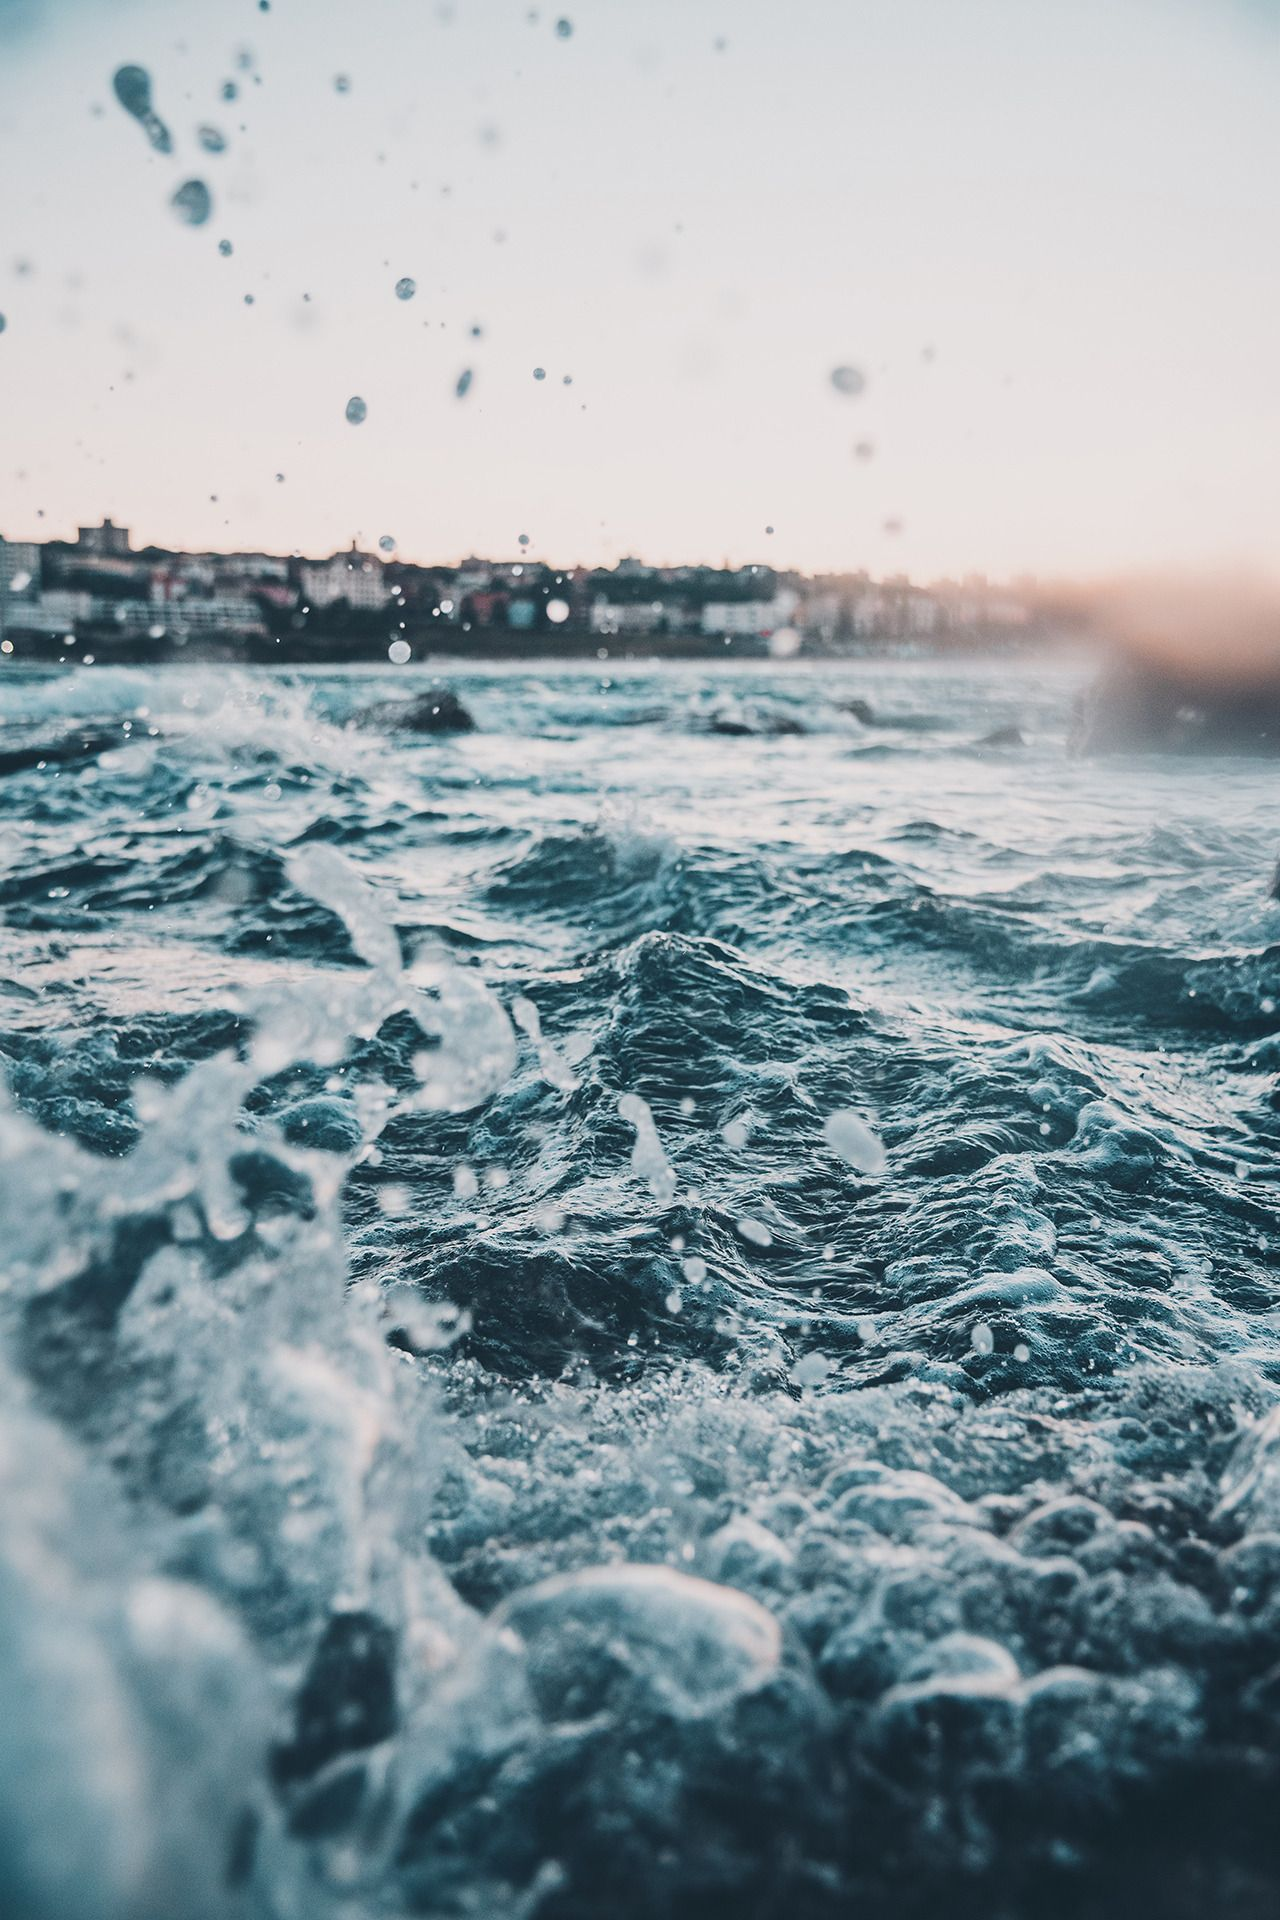 Pin By Sara Biest On Ocean Sea Ocean Photography Ocean Wallpaper Ocean Vibes